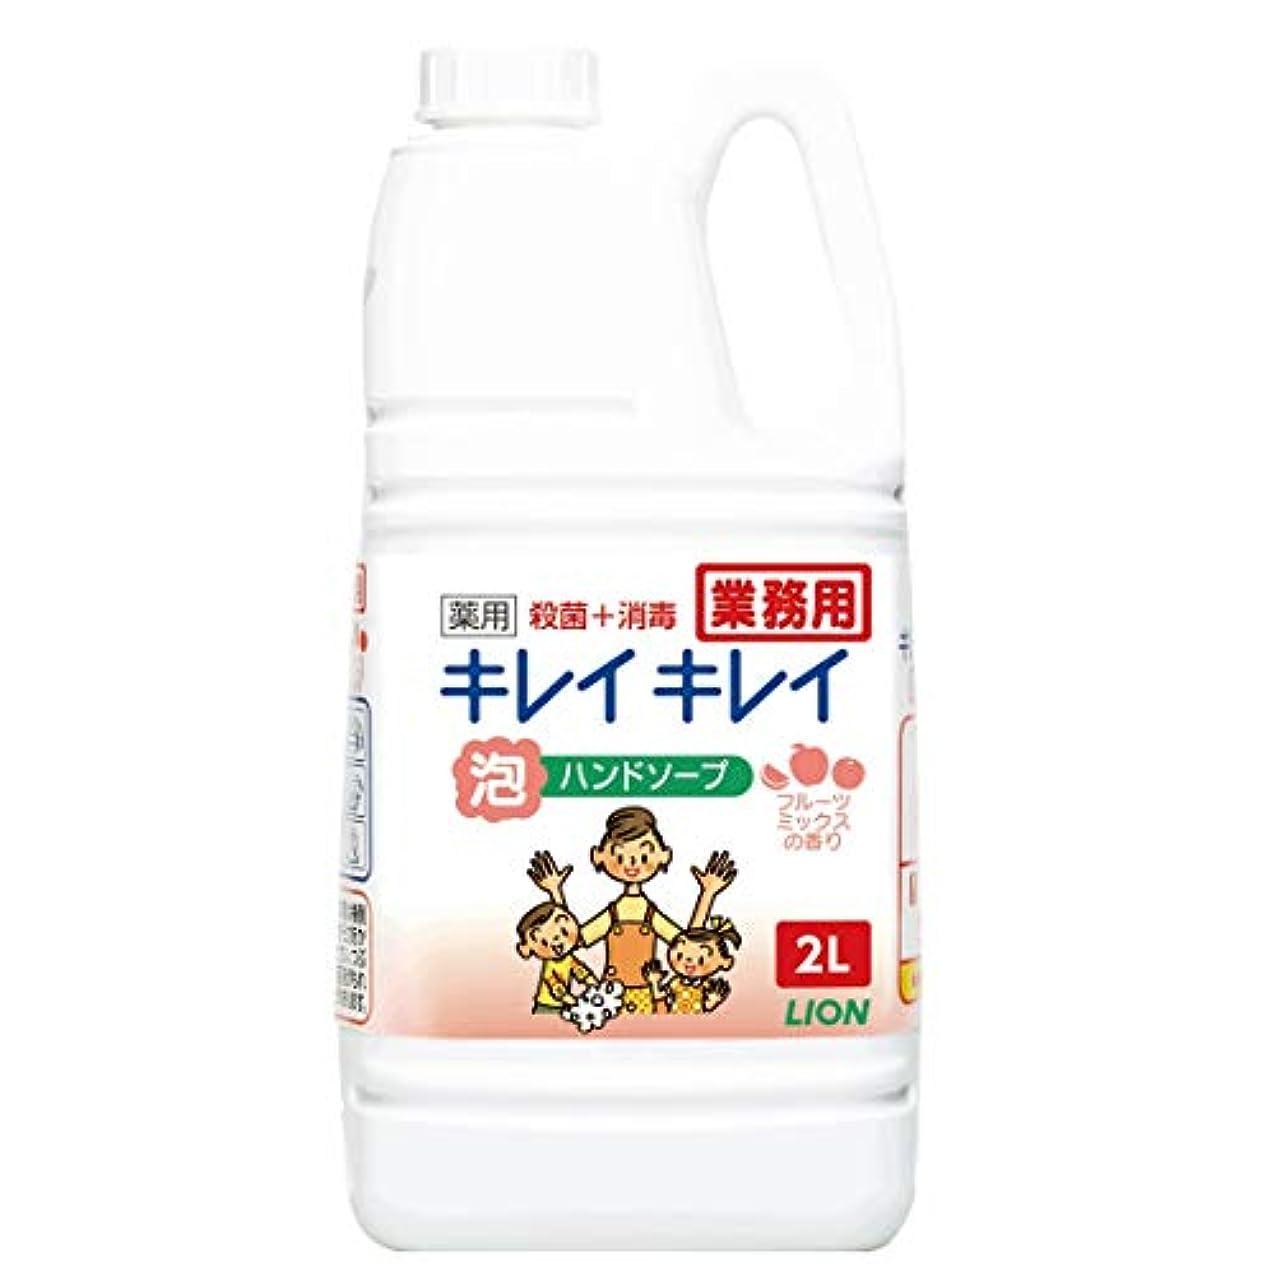 予感お香民兵【大容量】キレイキレイ 薬用泡ハンドソープ フルーツミックスの香り 2L